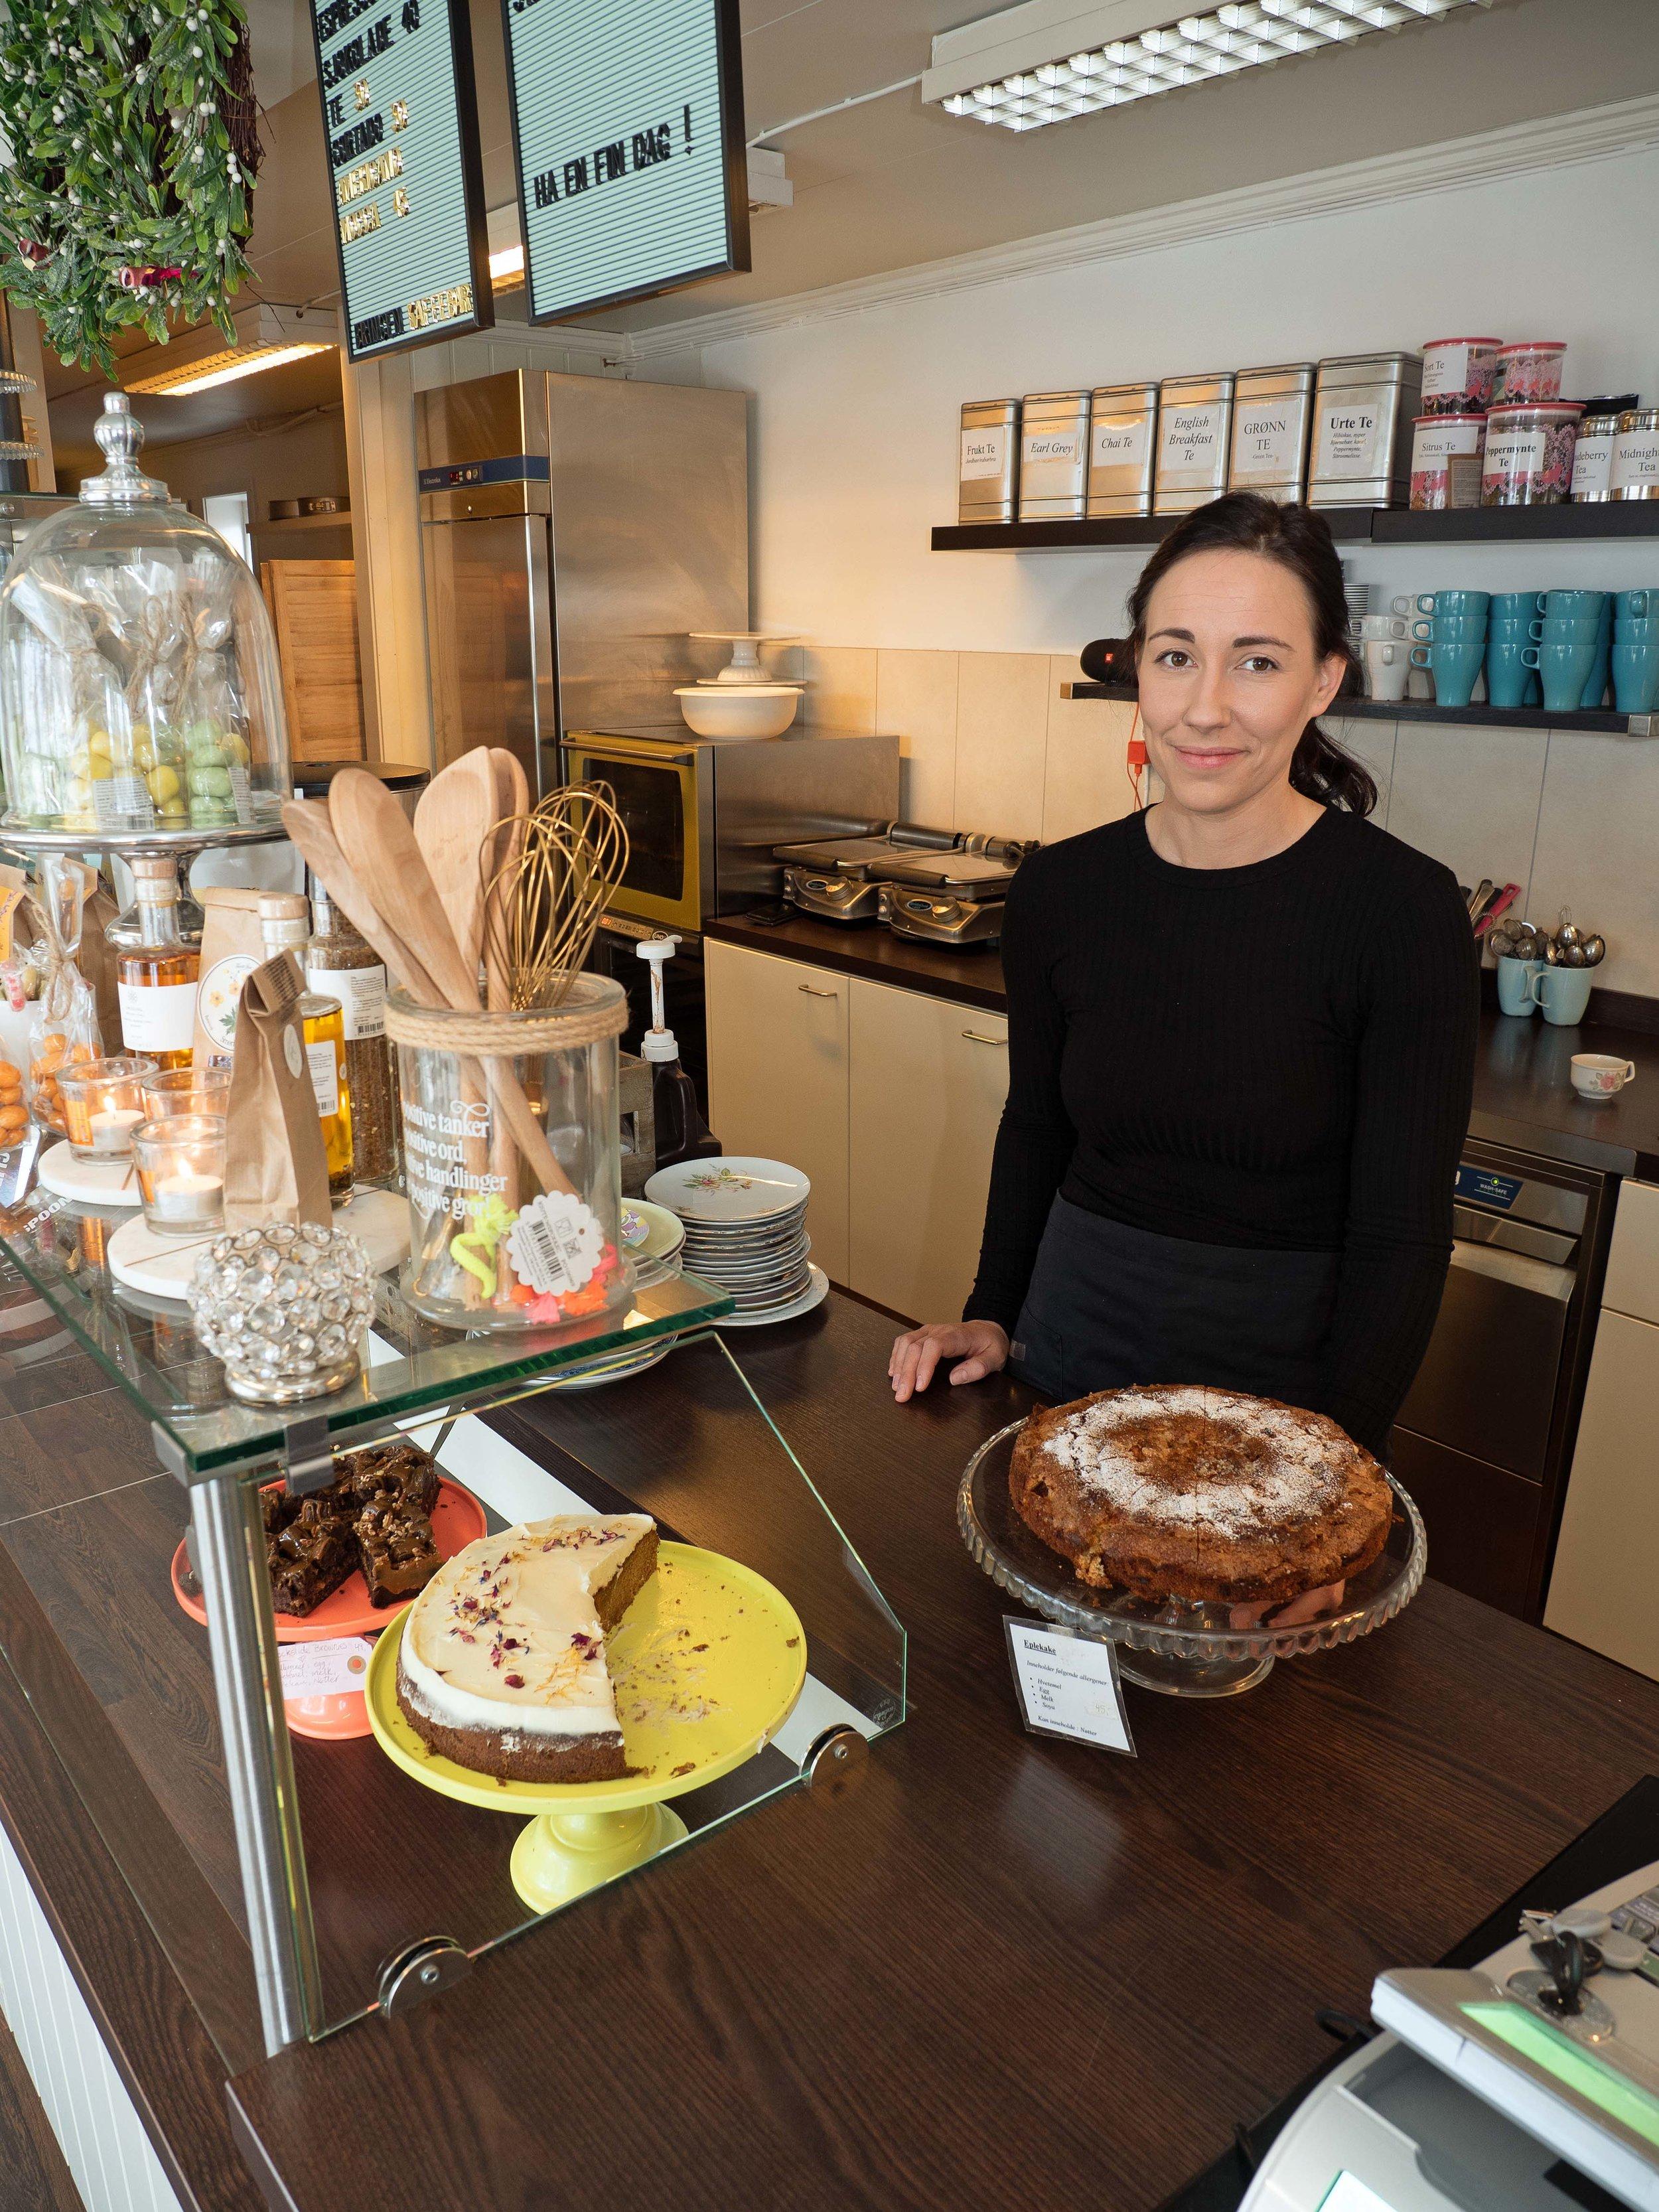 Anette Møller byr på hjemmebakte kaker.